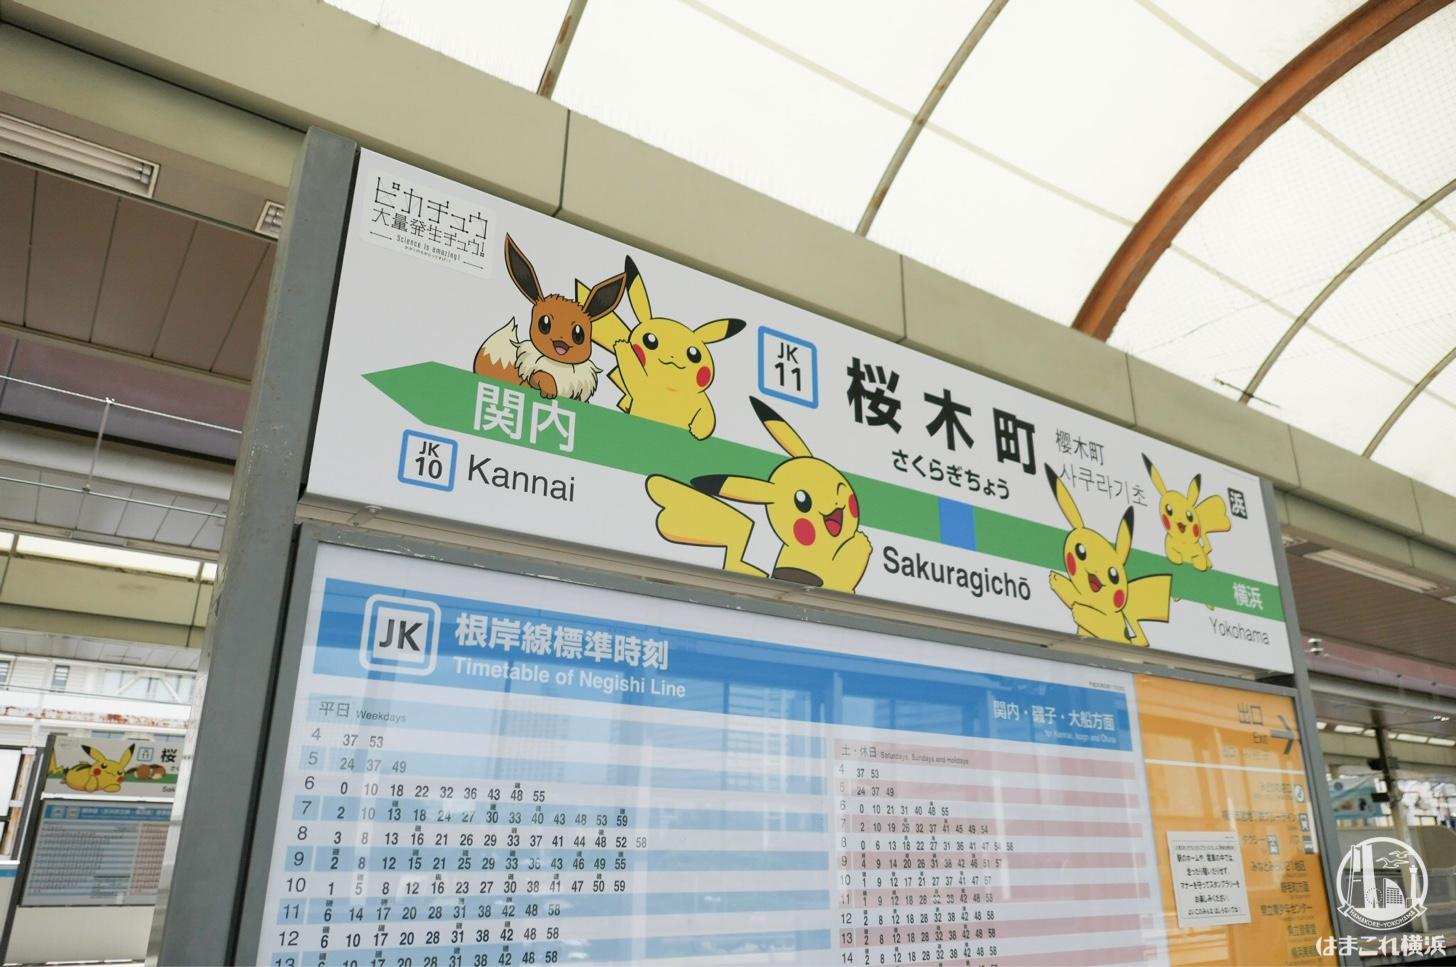 2018年 桜木町駅 駅名表示板